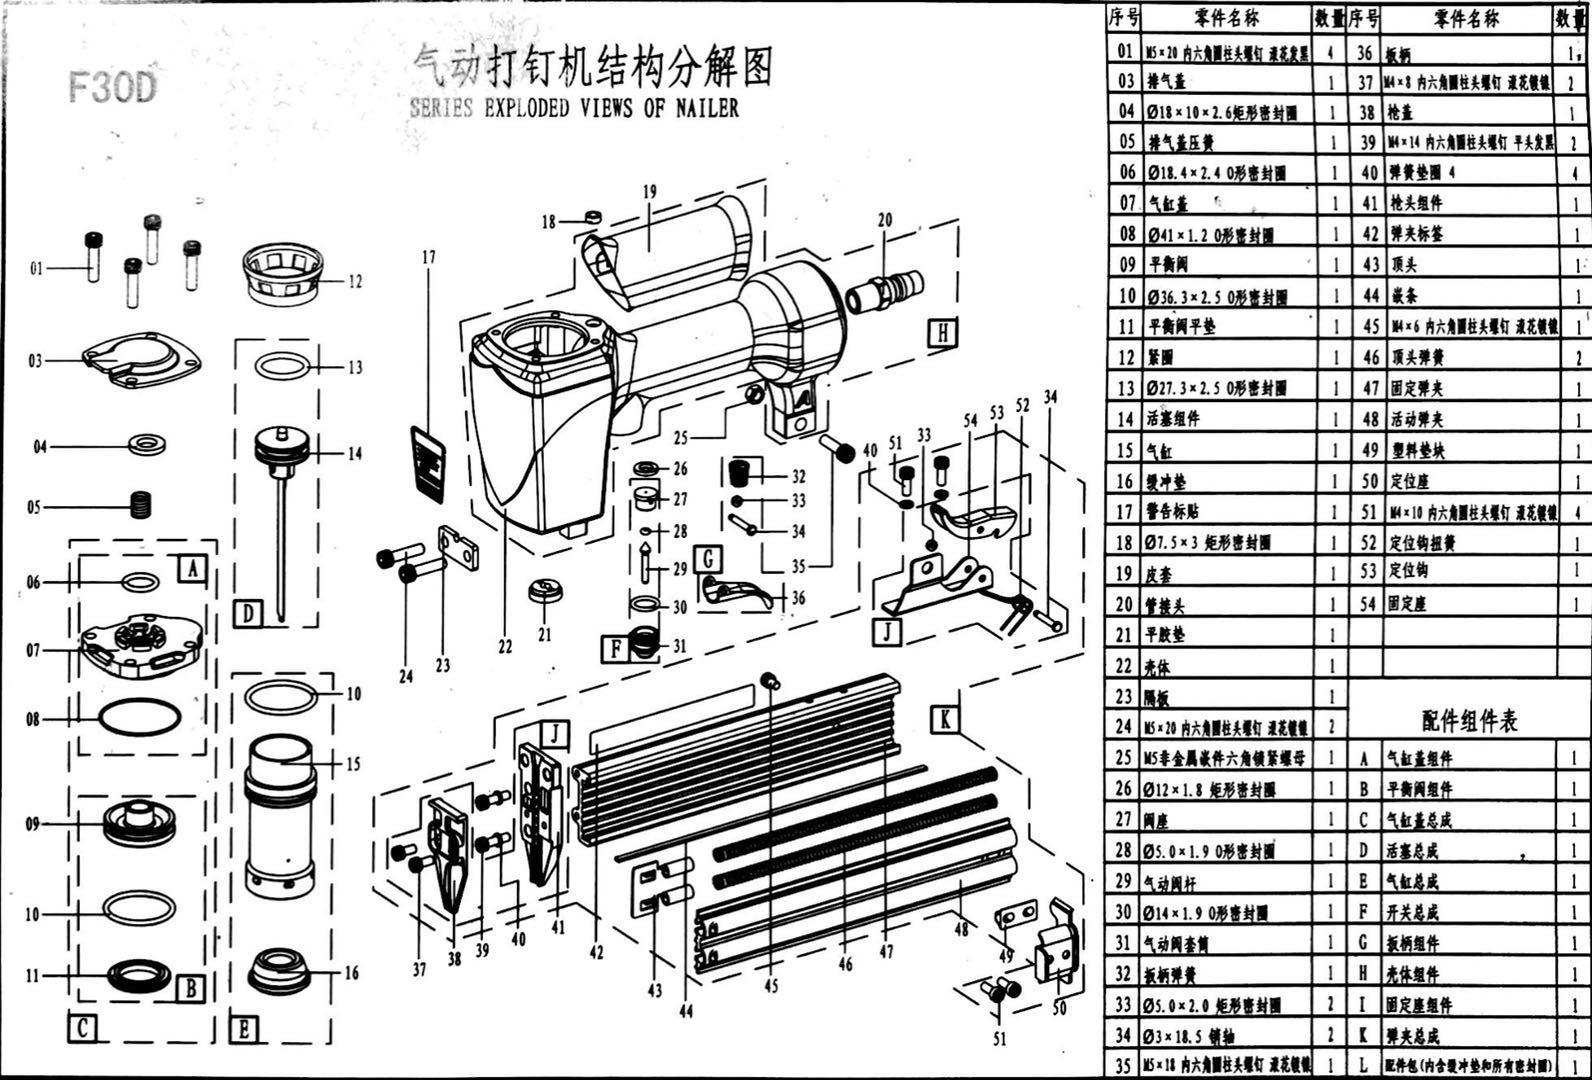 Công cụ khí nén Zhongjie Zhongjie F30D Máy làm đinh hơi nước / Kim / Rãnh súng / Vòng đệm / Phụ kiện súng hơi - Công cụ điện khí nén